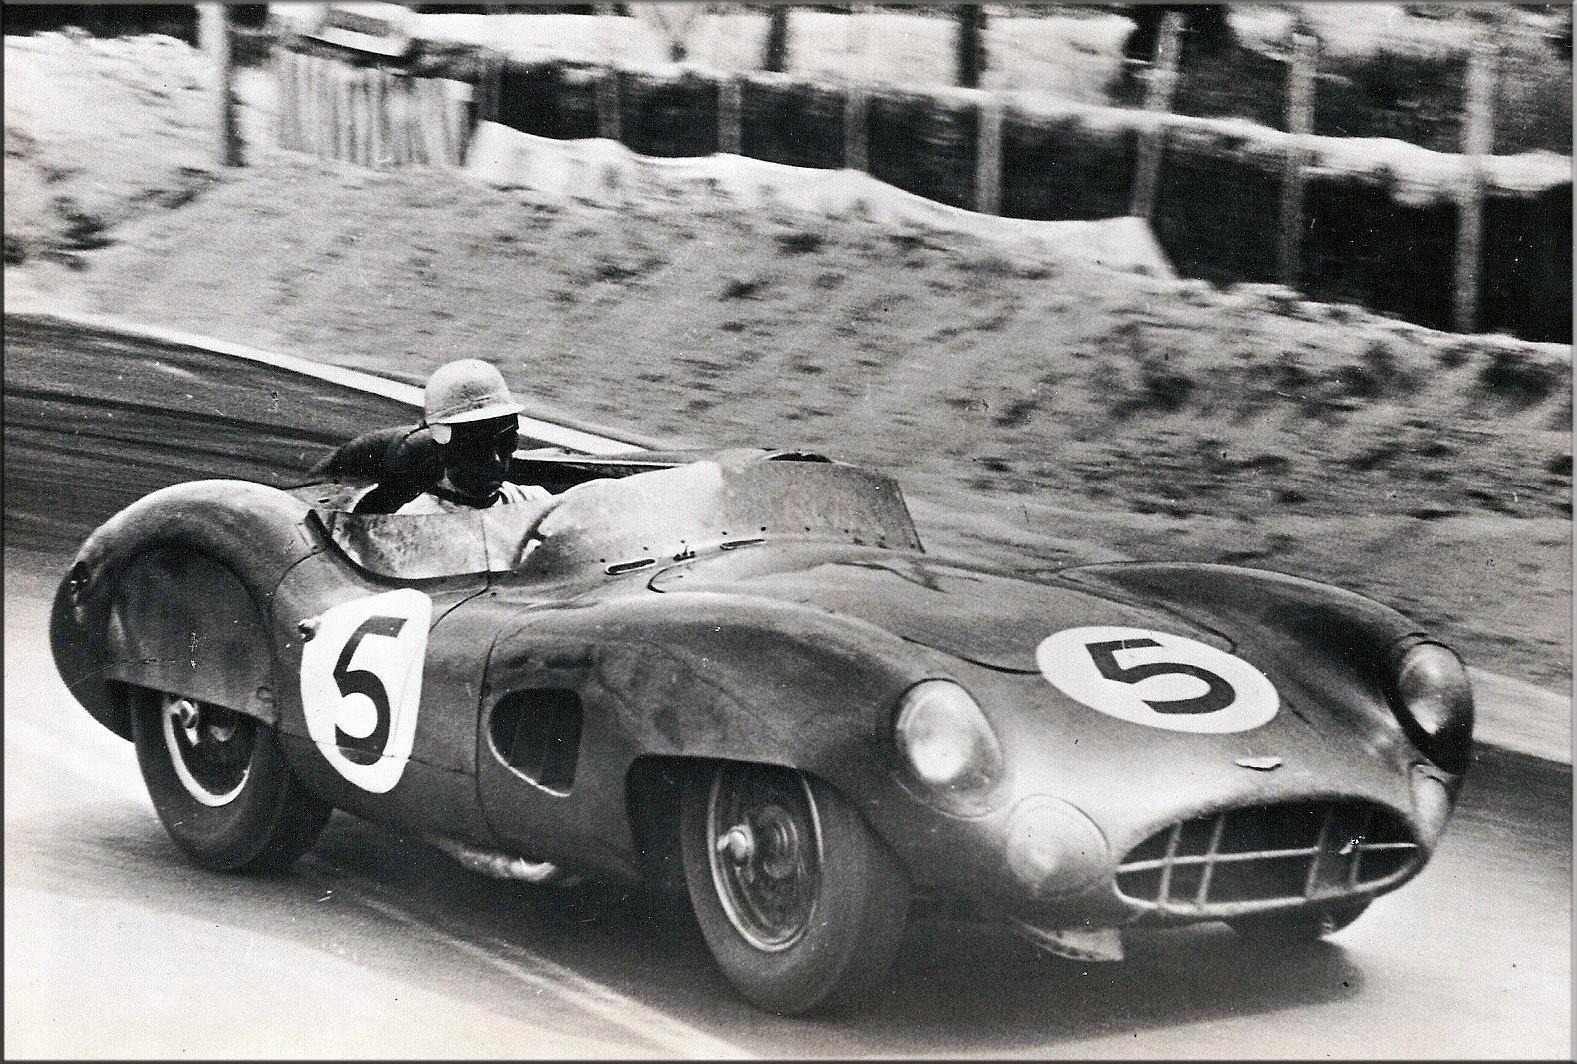 Aston+Martin+DBR1+Le+Mans+1959+006.jpg